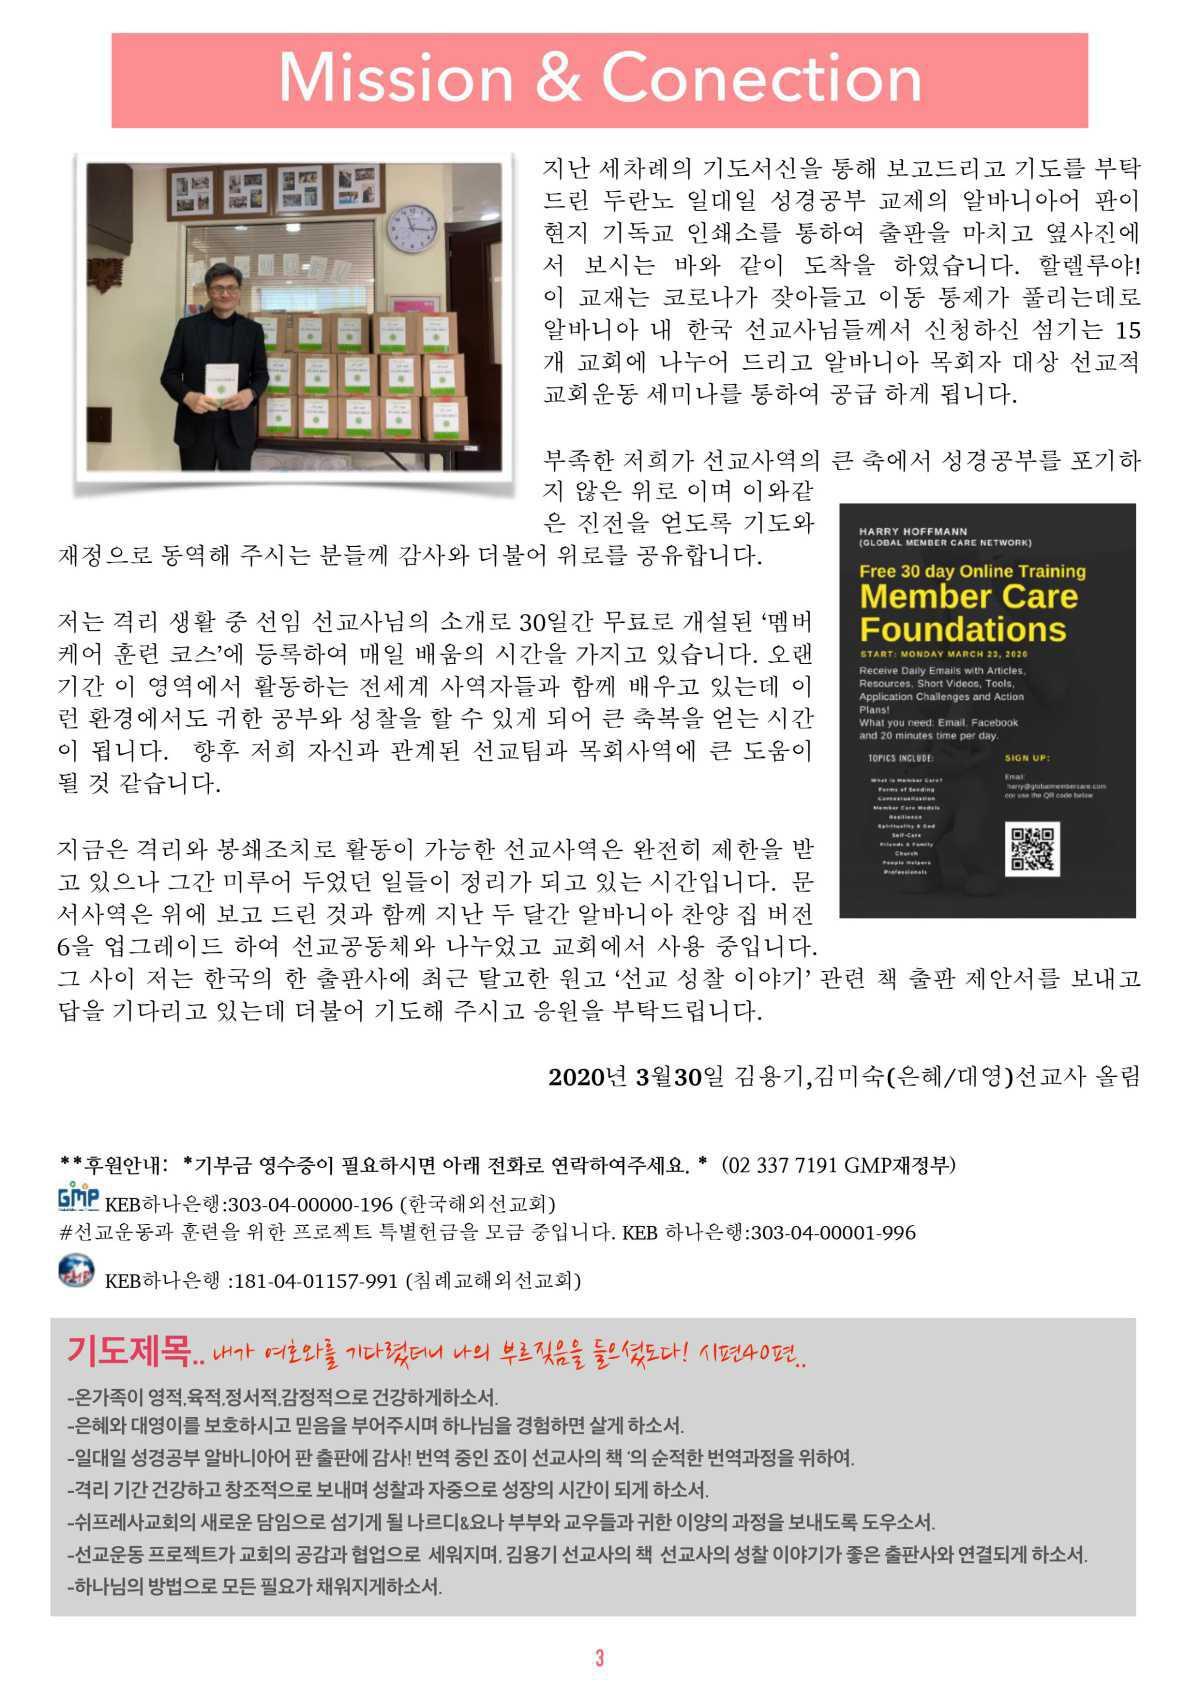 알바니아 김용기, 김미숙 선교사님 선교소식_2020년 2월~3월